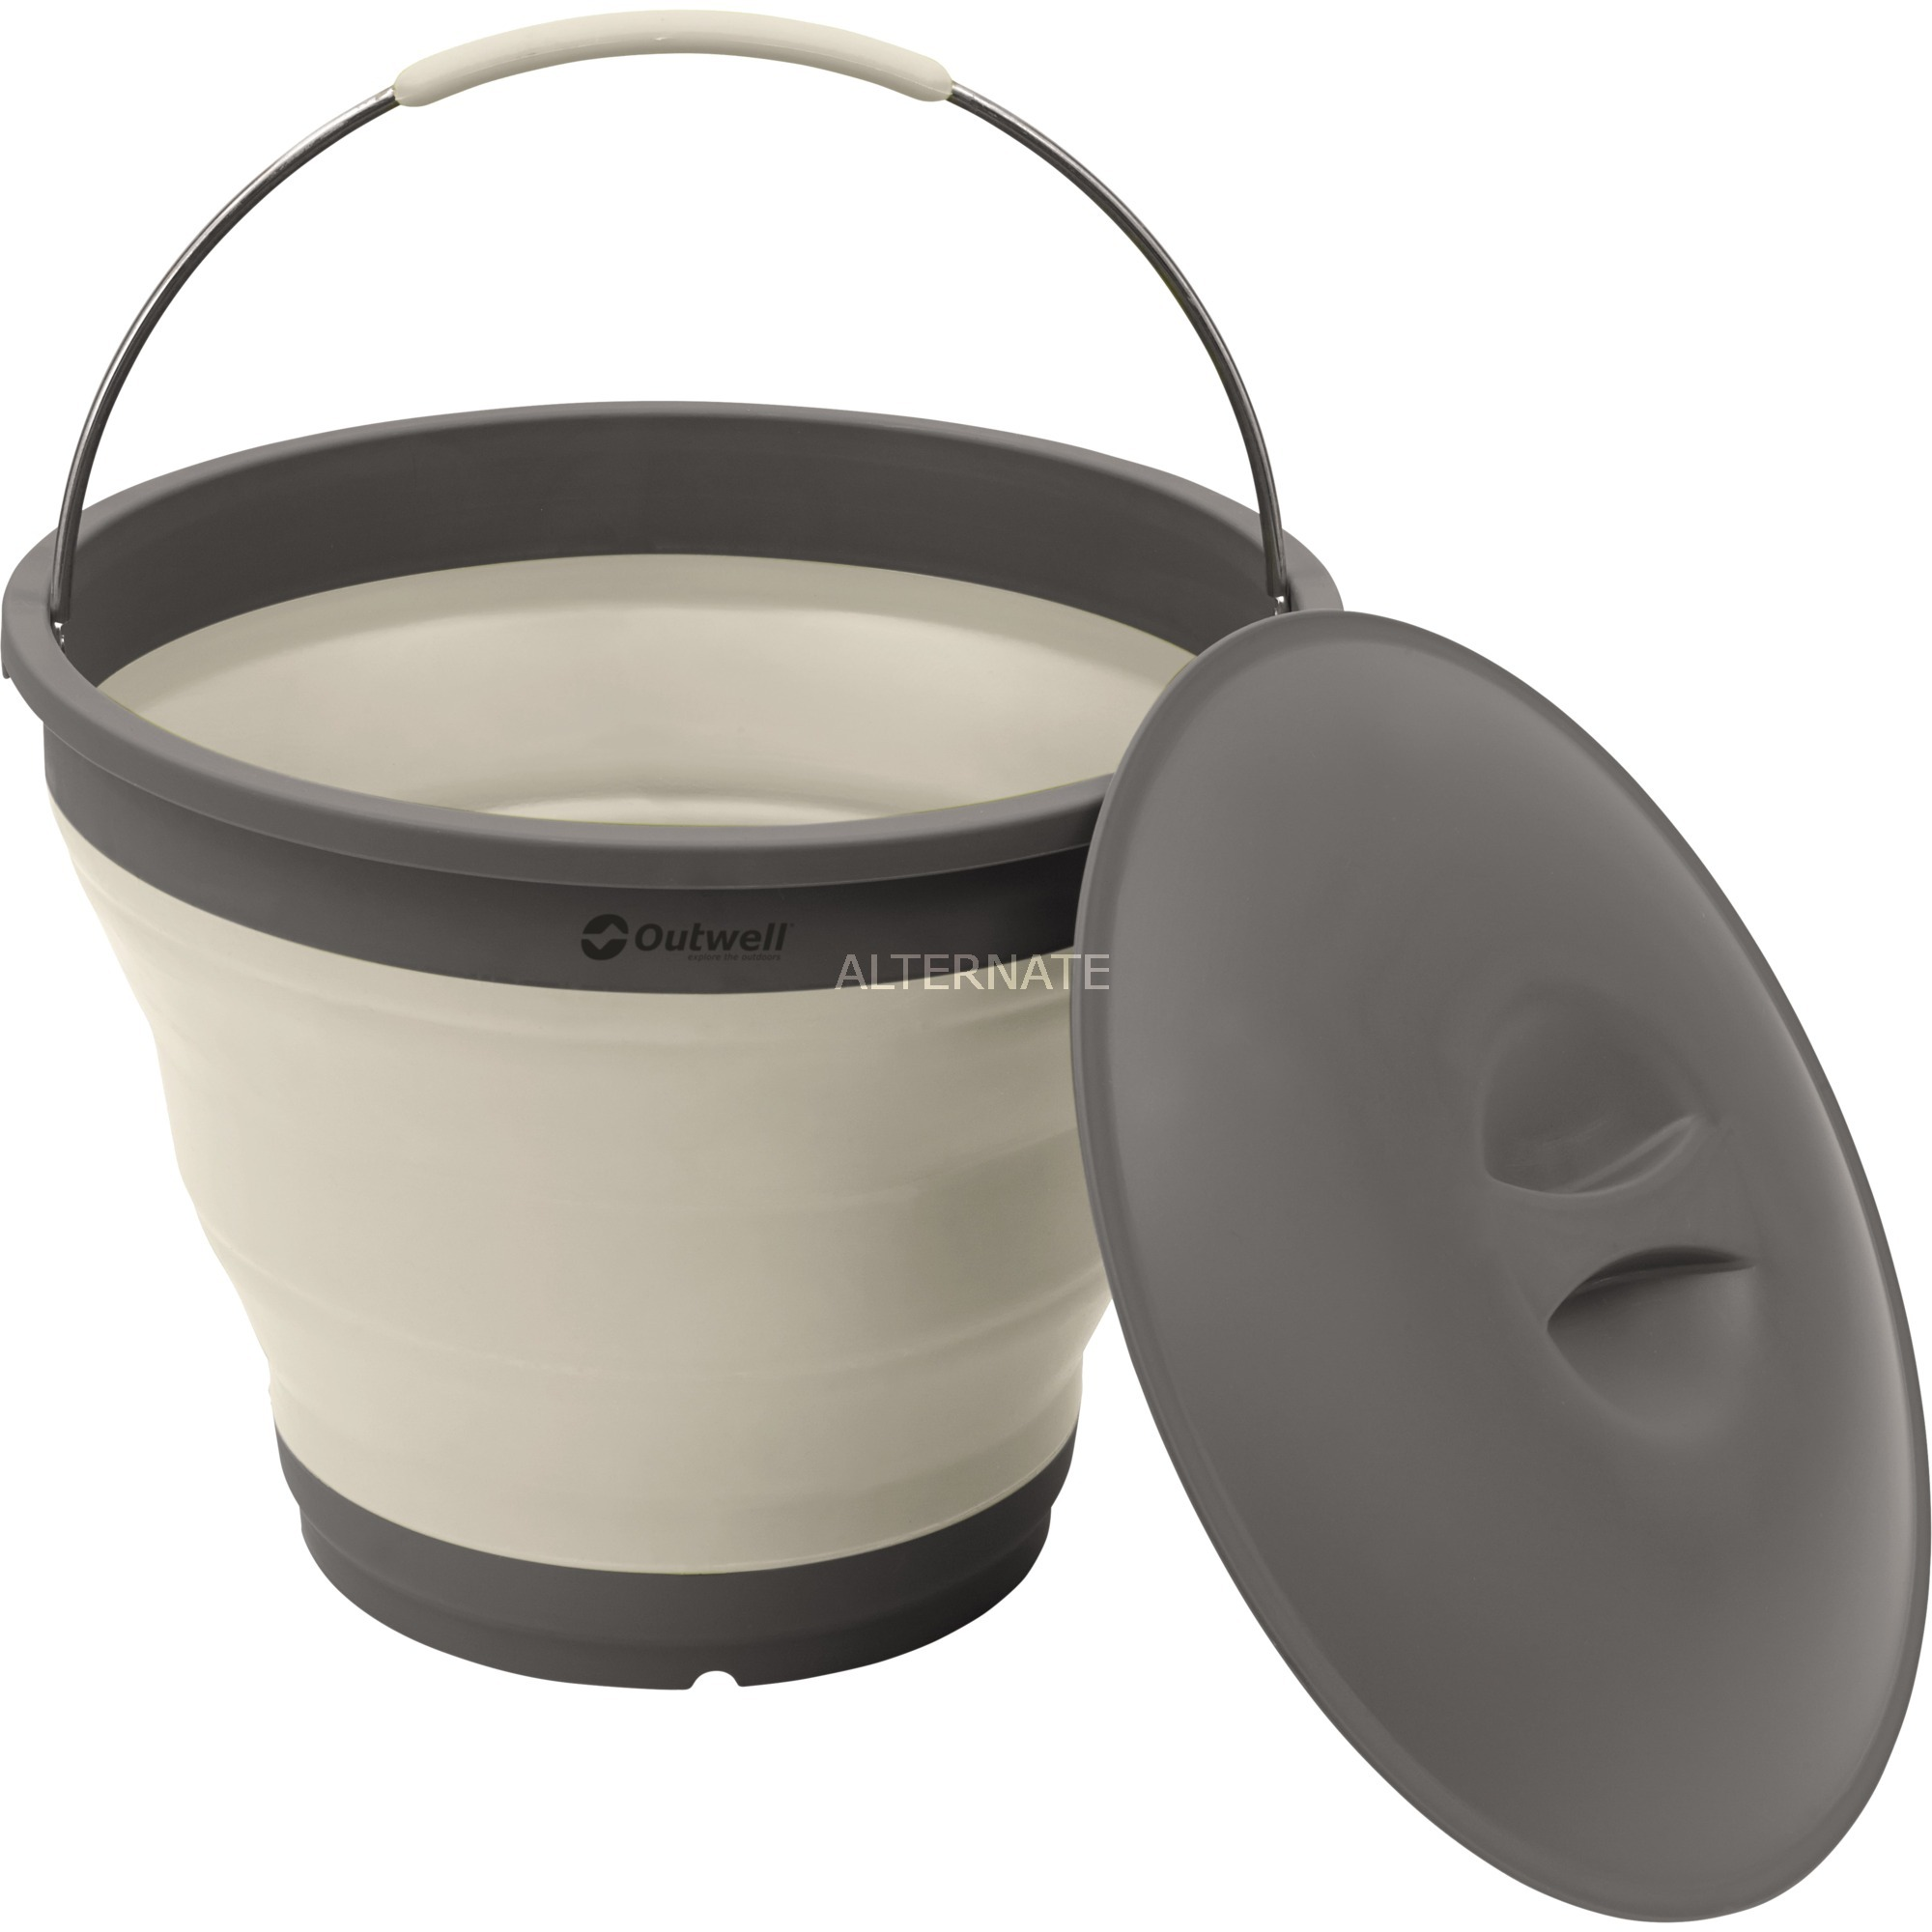 650613 Alrededor De plástico, Elastómero termoplástico (TPE) Blanco caja de almacenaje, Cubo